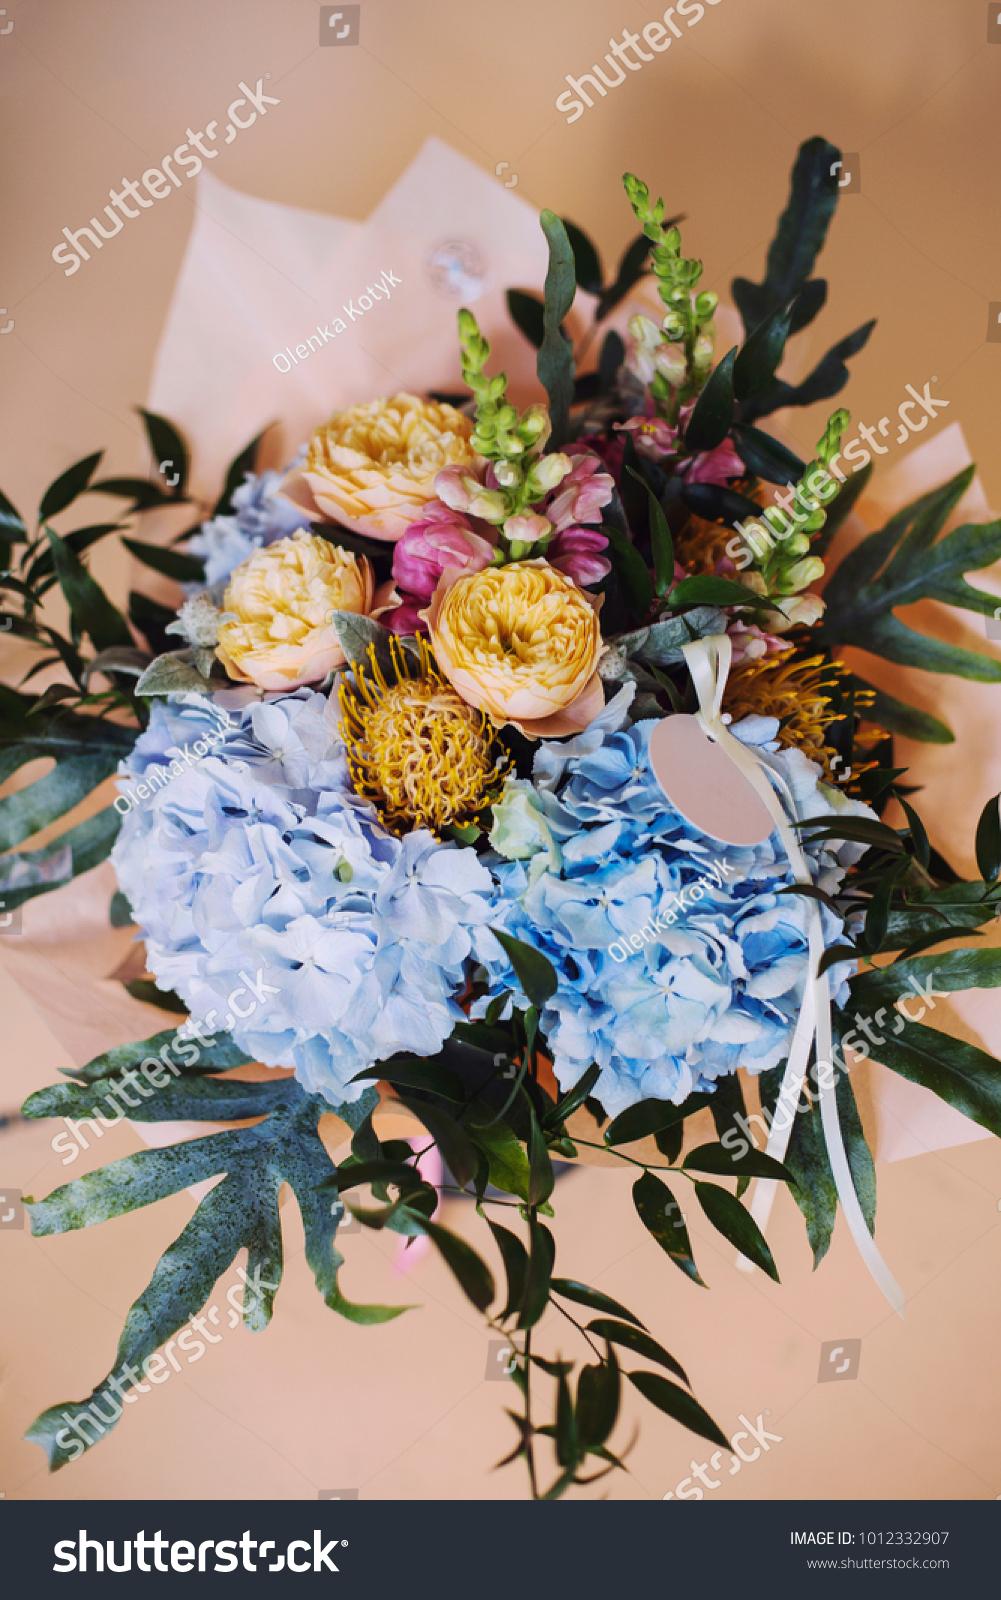 Flower bouquet composition blue hydrangea ranunculus stock photo flower bouquet composition with blue hydrangea ranunculus and peonies on yellow background izmirmasajfo